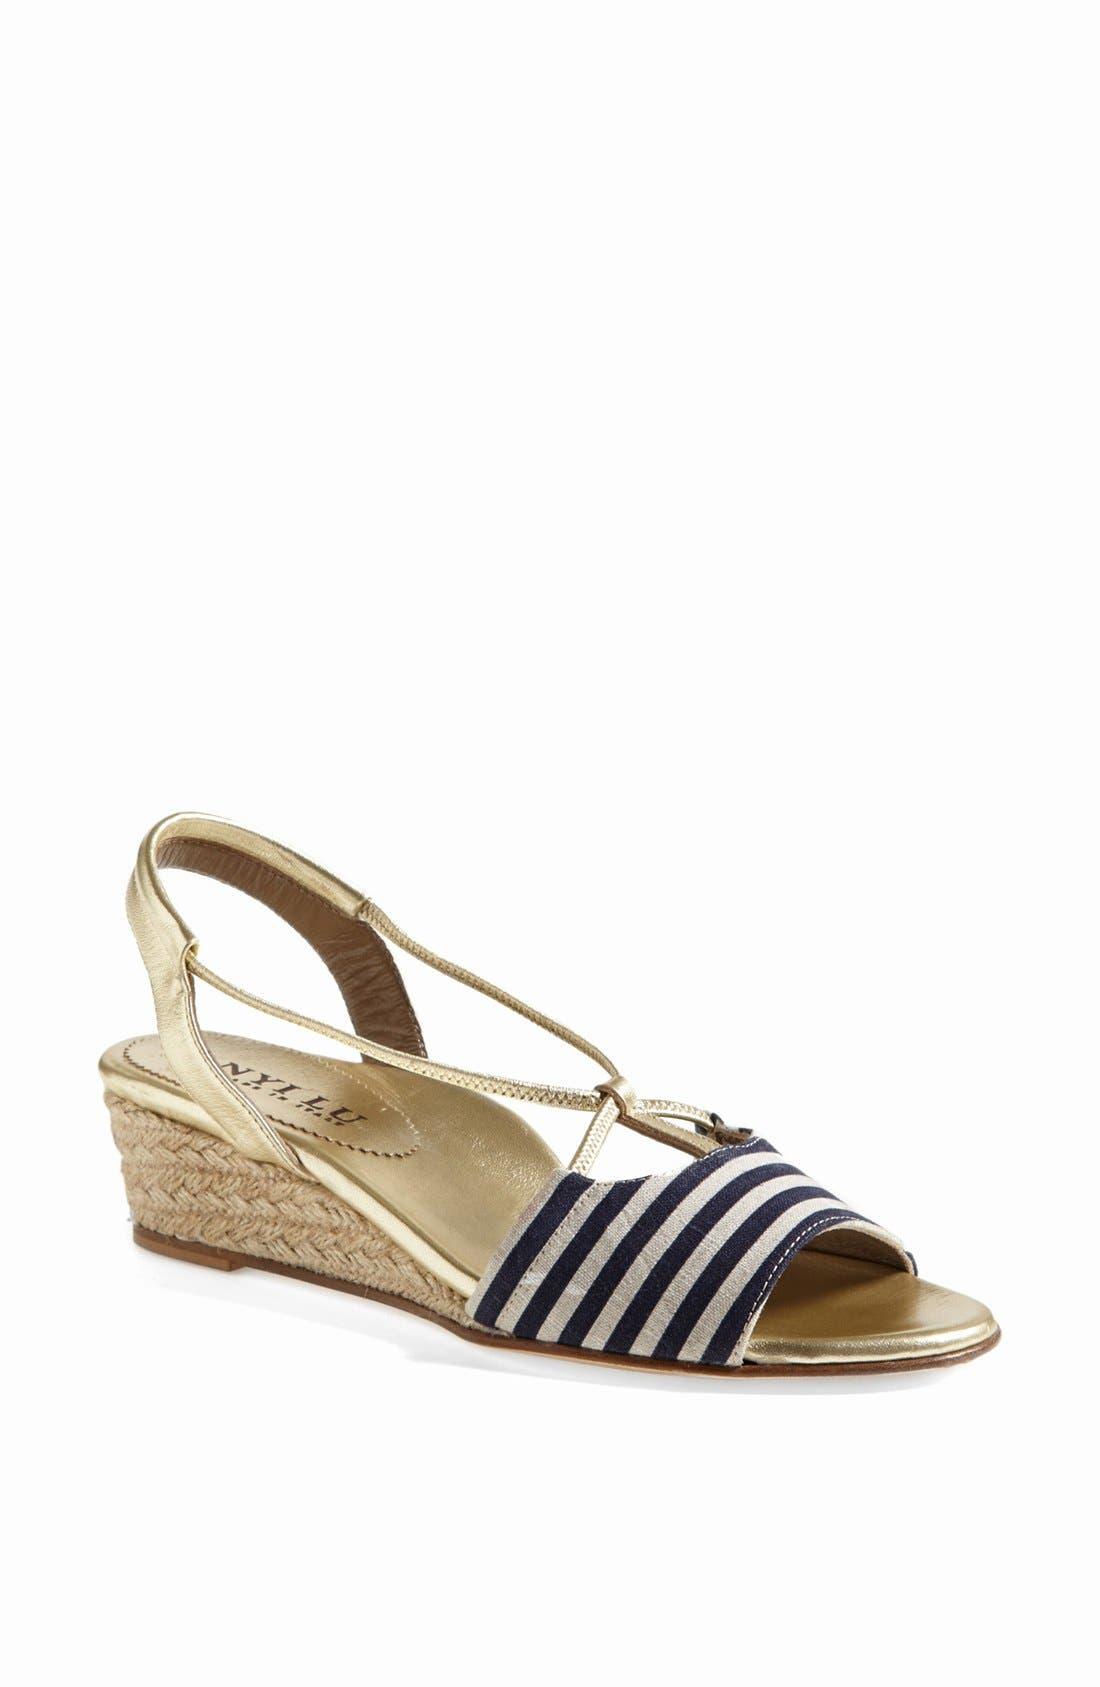 Alternate Image 1 Selected - Anyi Lu 'Leah' Sandal